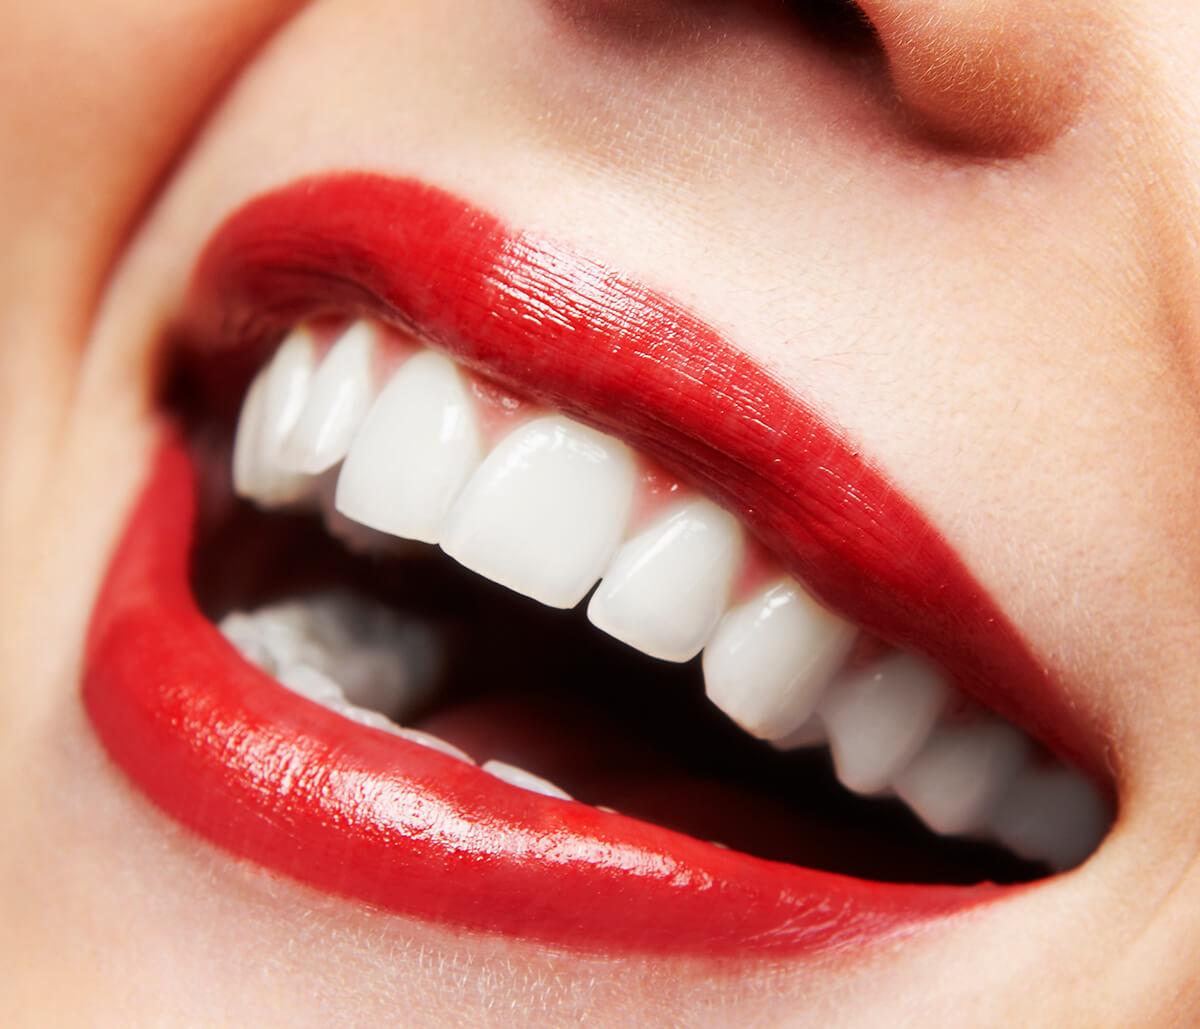 Cosmetic Veneers for Teeth in Milton ON Area